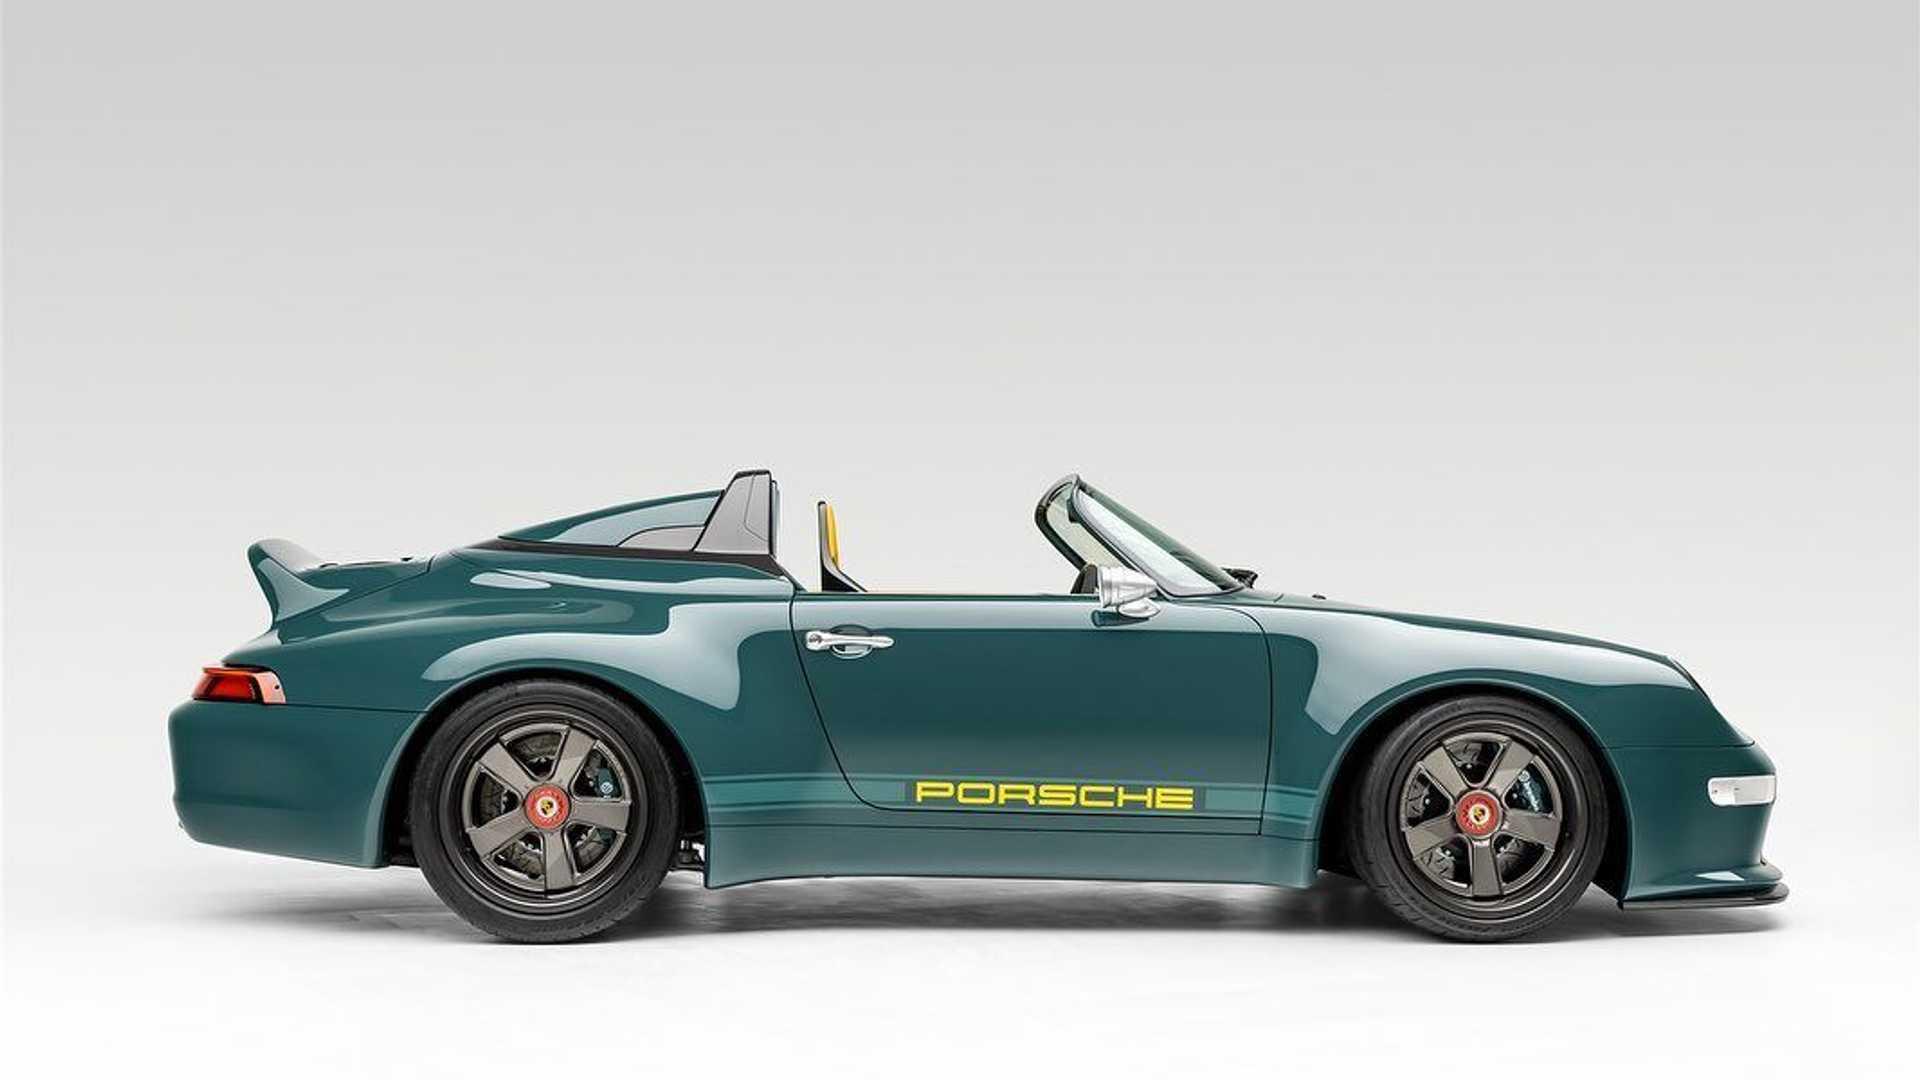 Porsche-911-993-Speedster-Remastered-by-Gunther-Werks-3